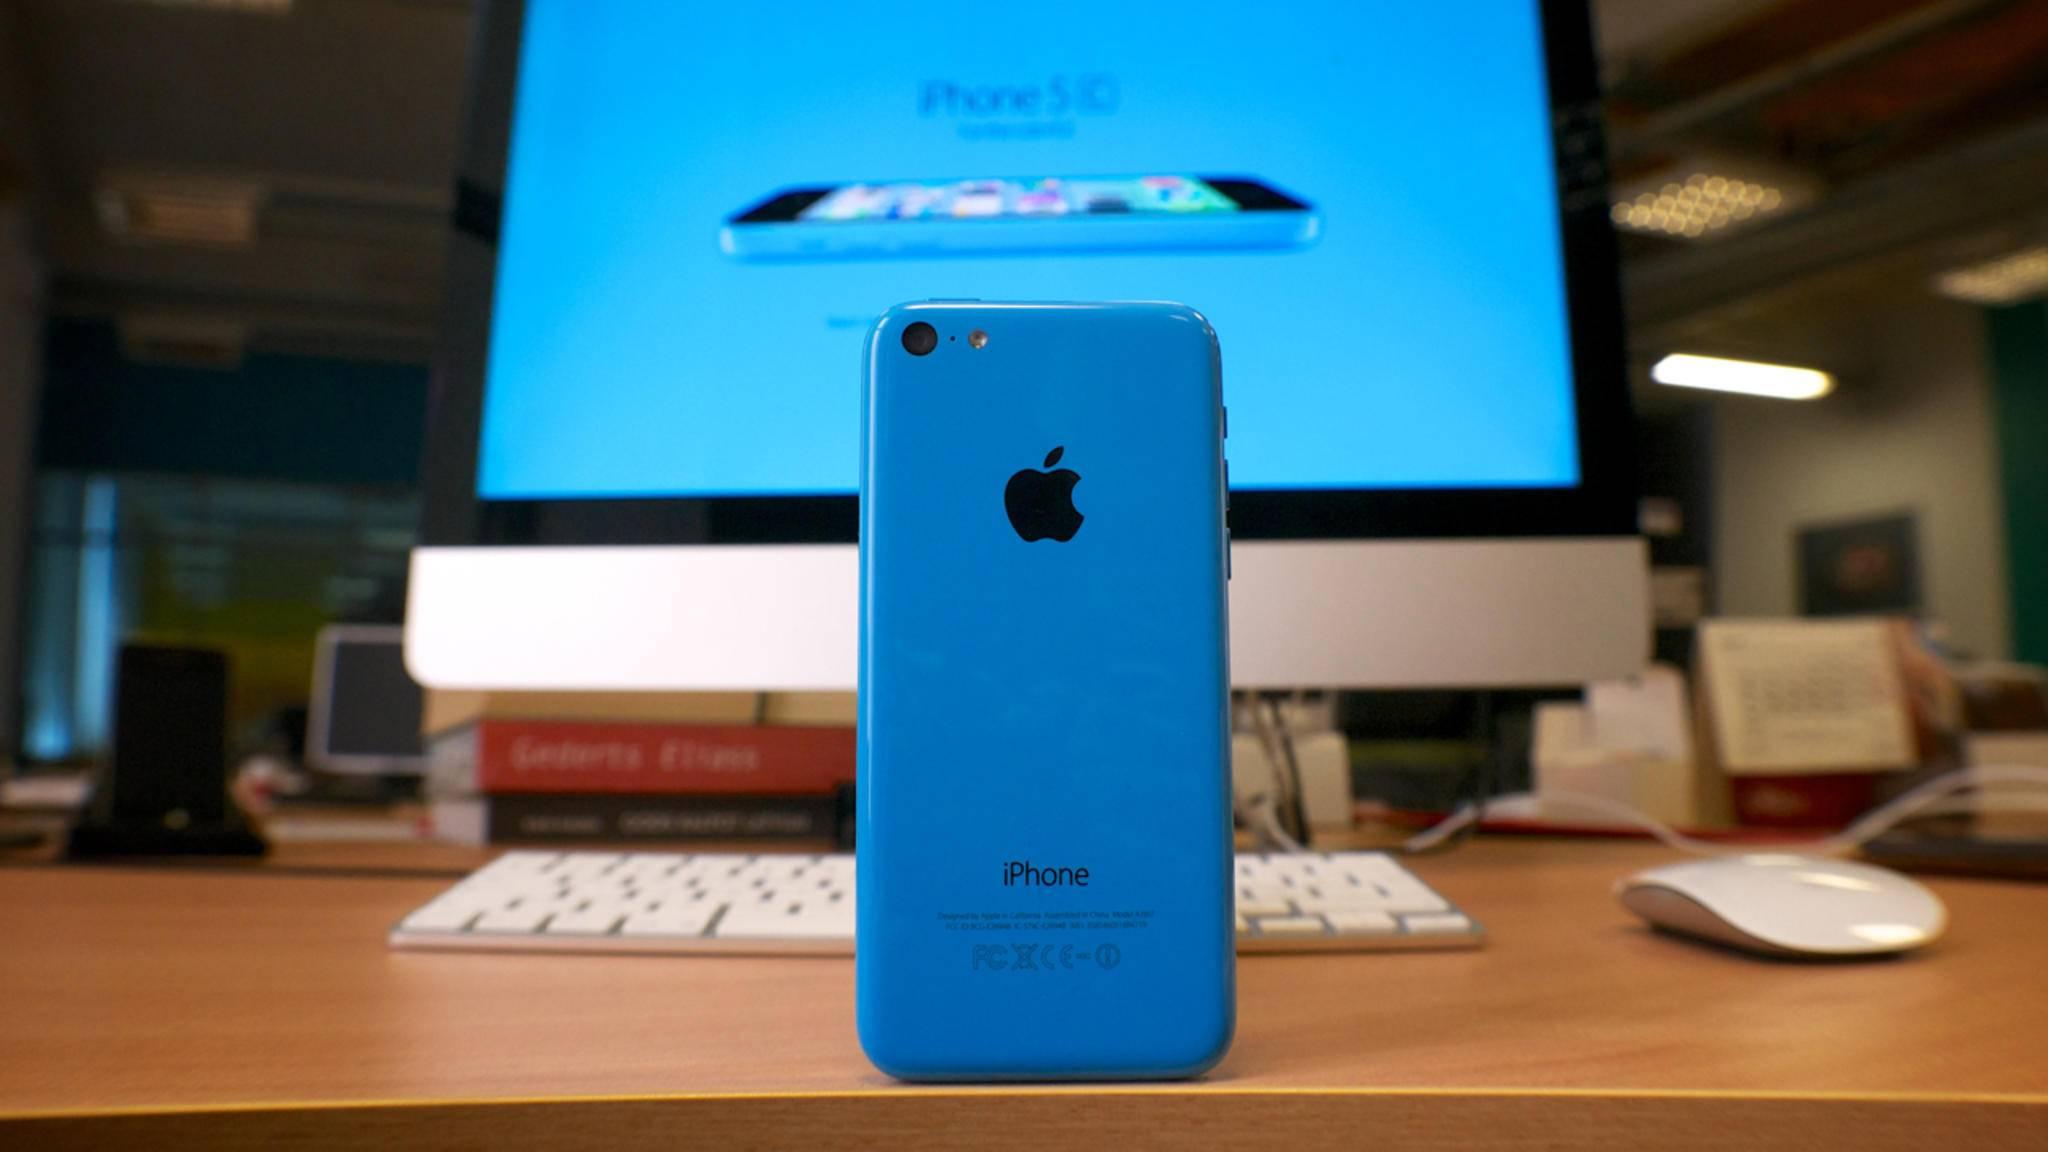 Apple ersetzt einige 16-GB-Modelle des iPhone 5c bei der Reparatur durch 32-GB-Modelle.